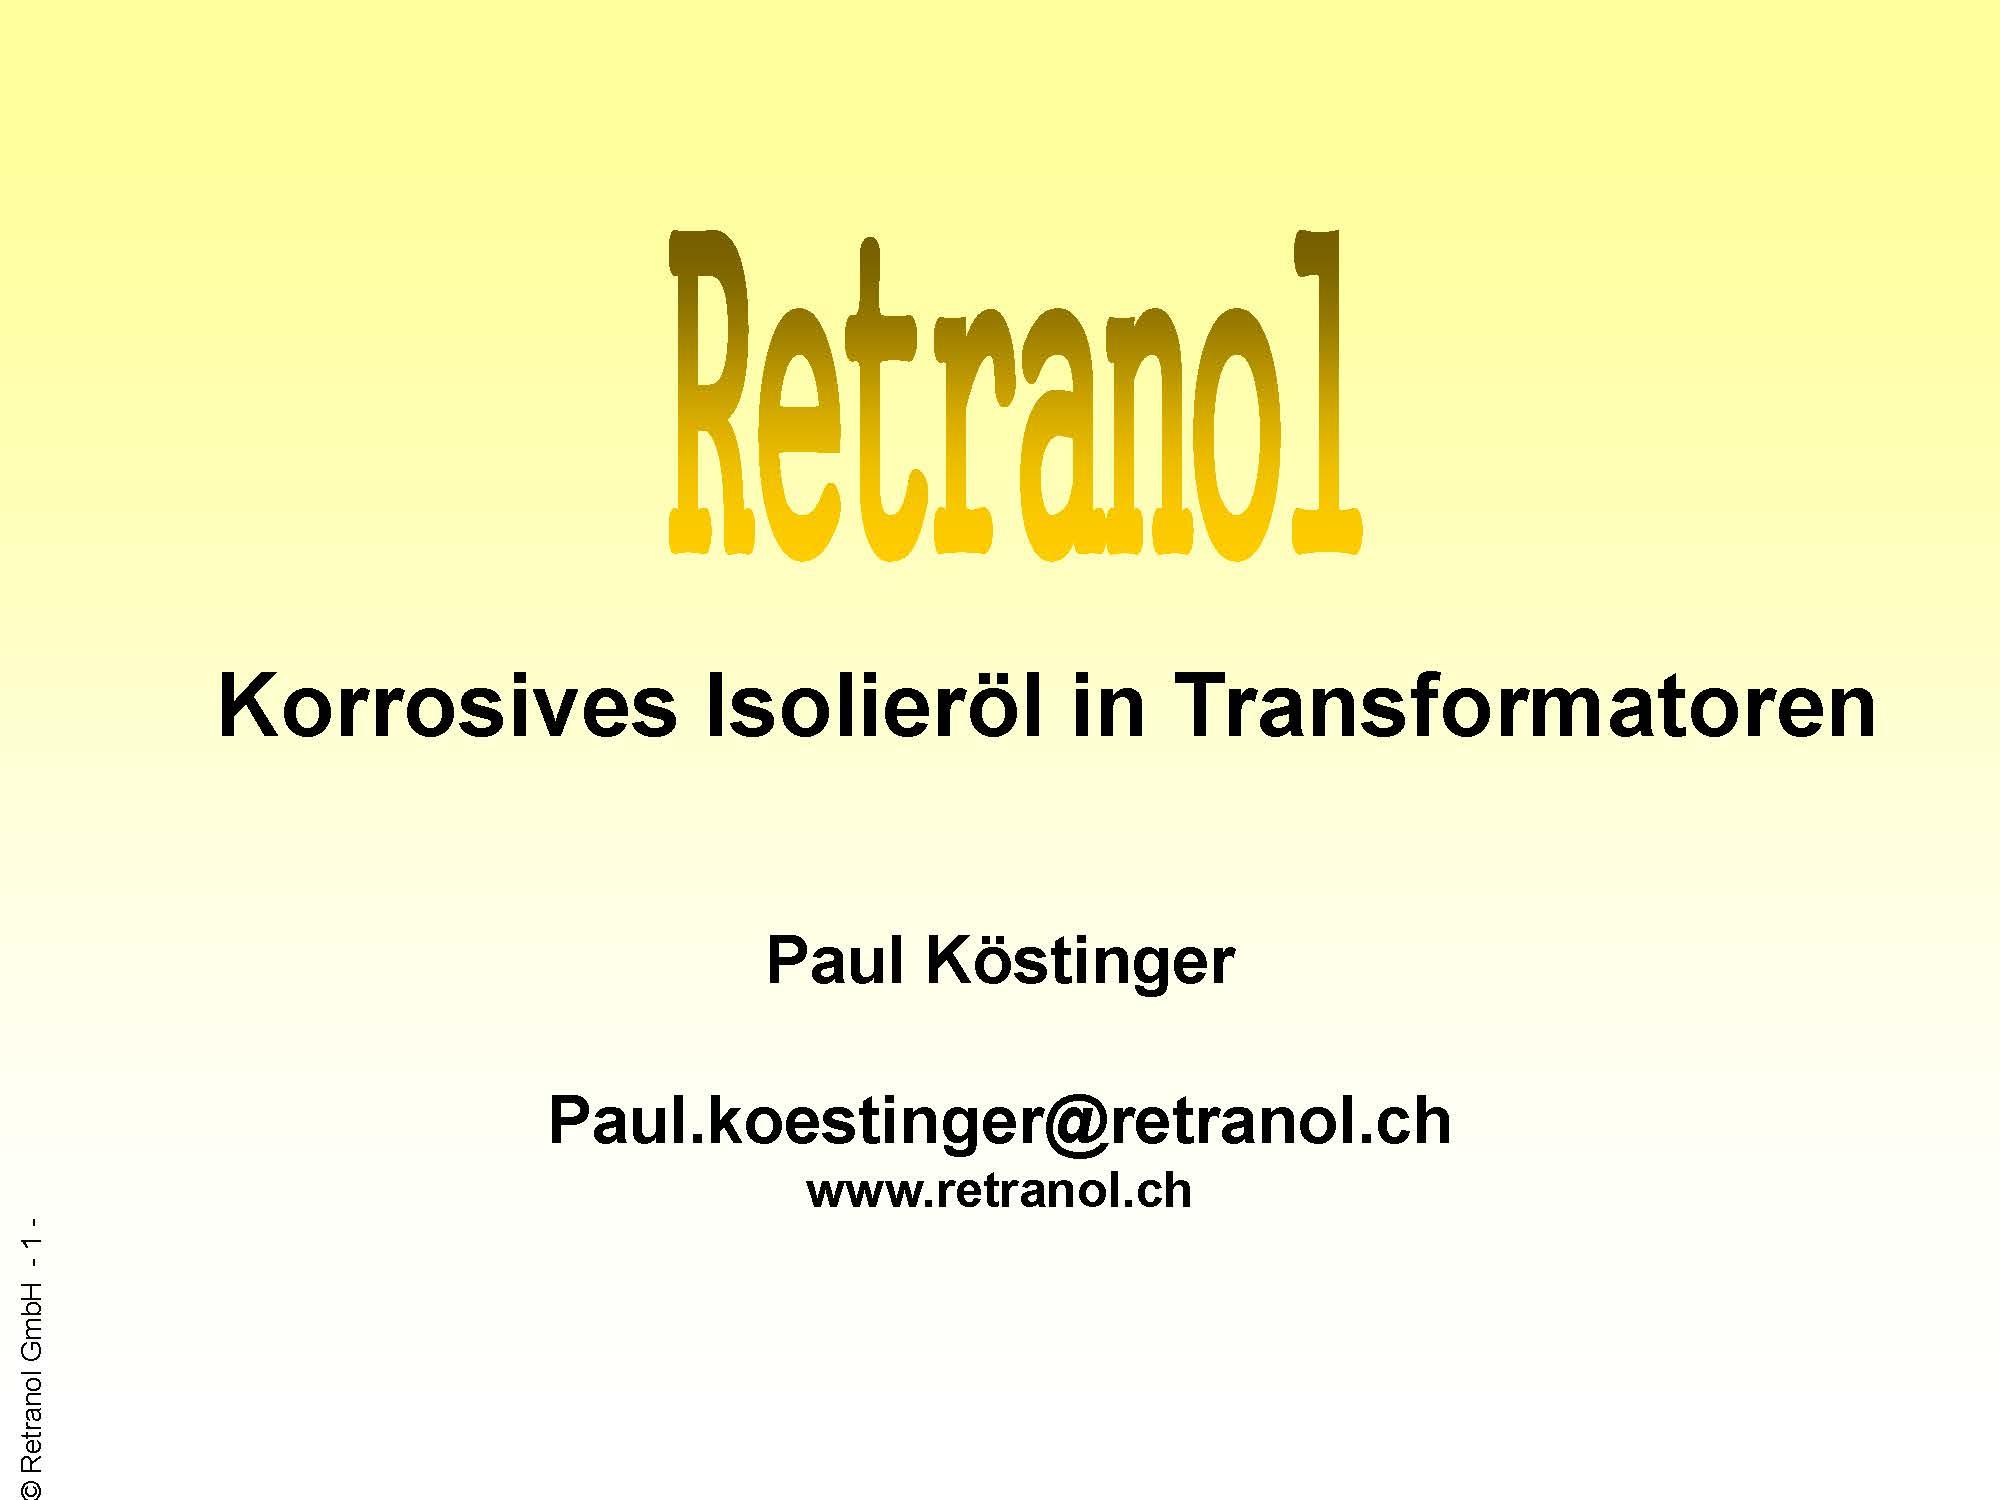 paul_koestinger